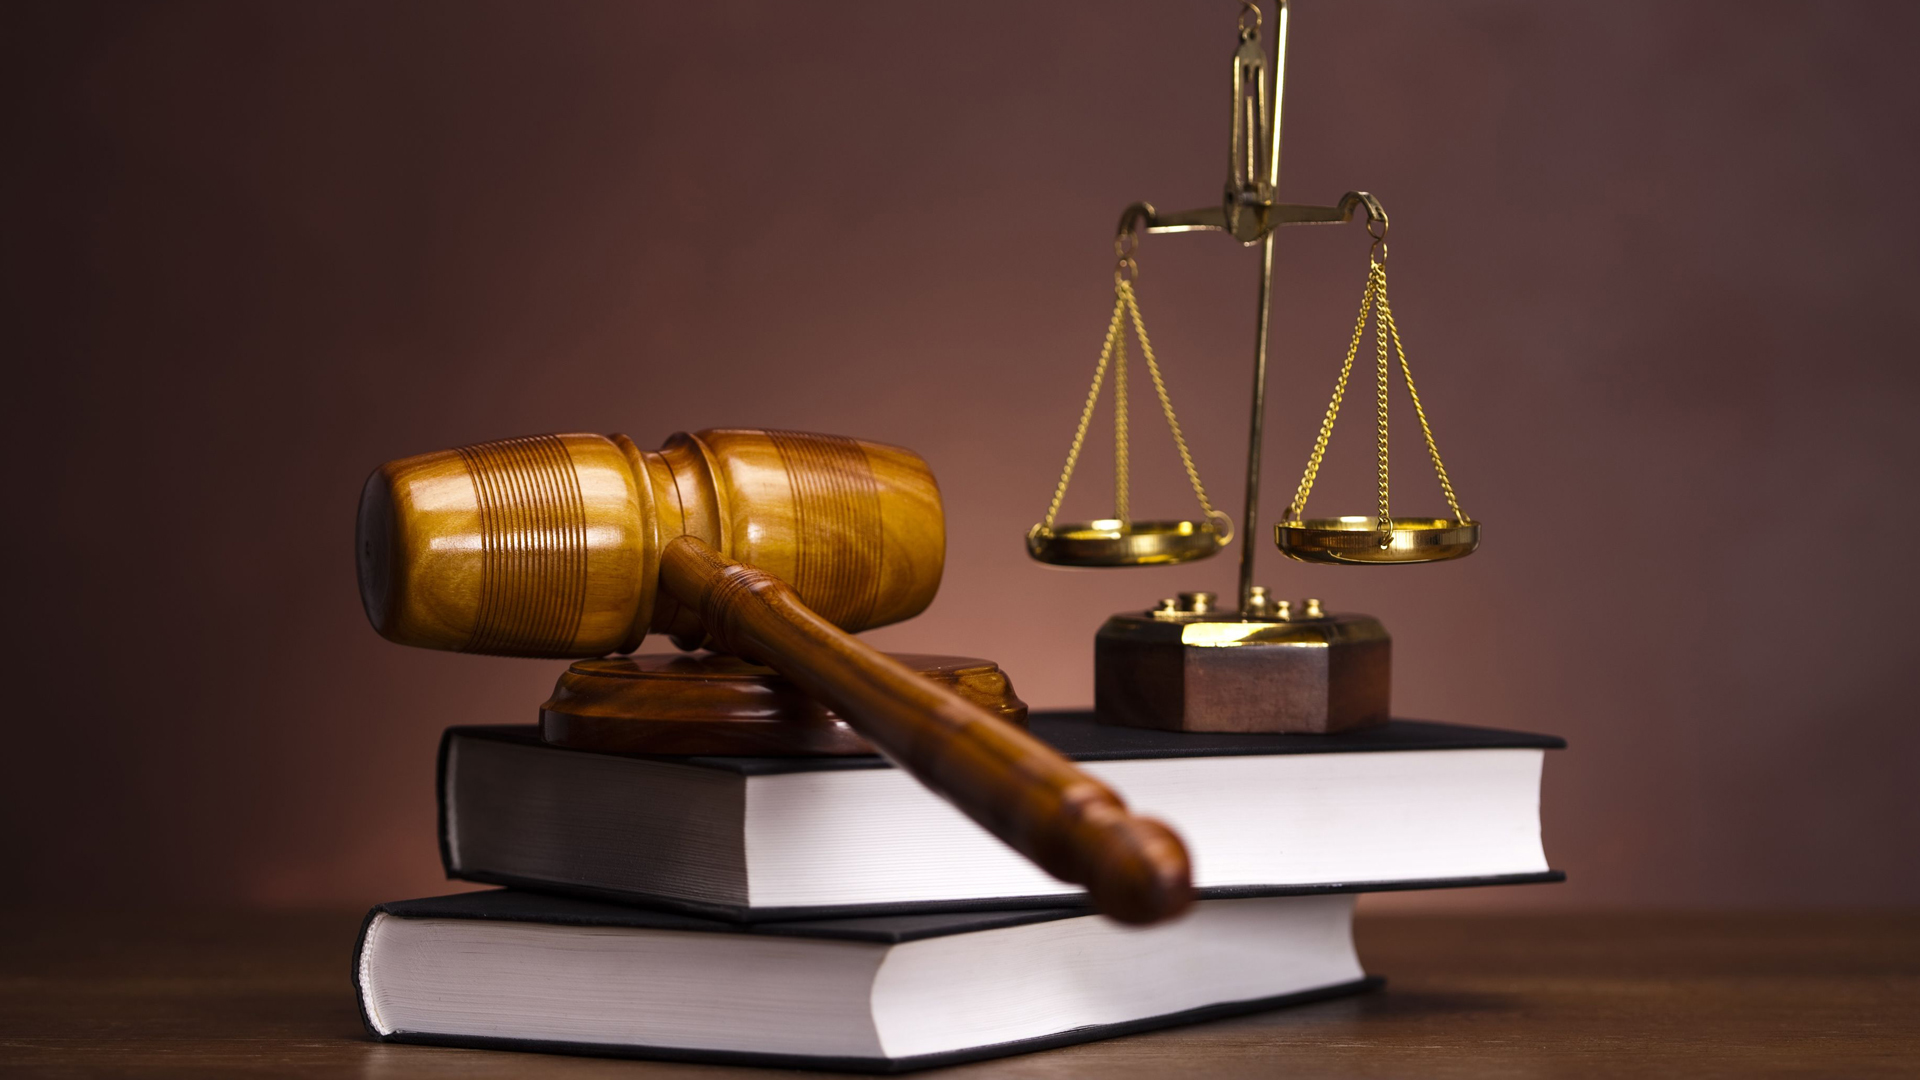 гражданский право услуга юридический